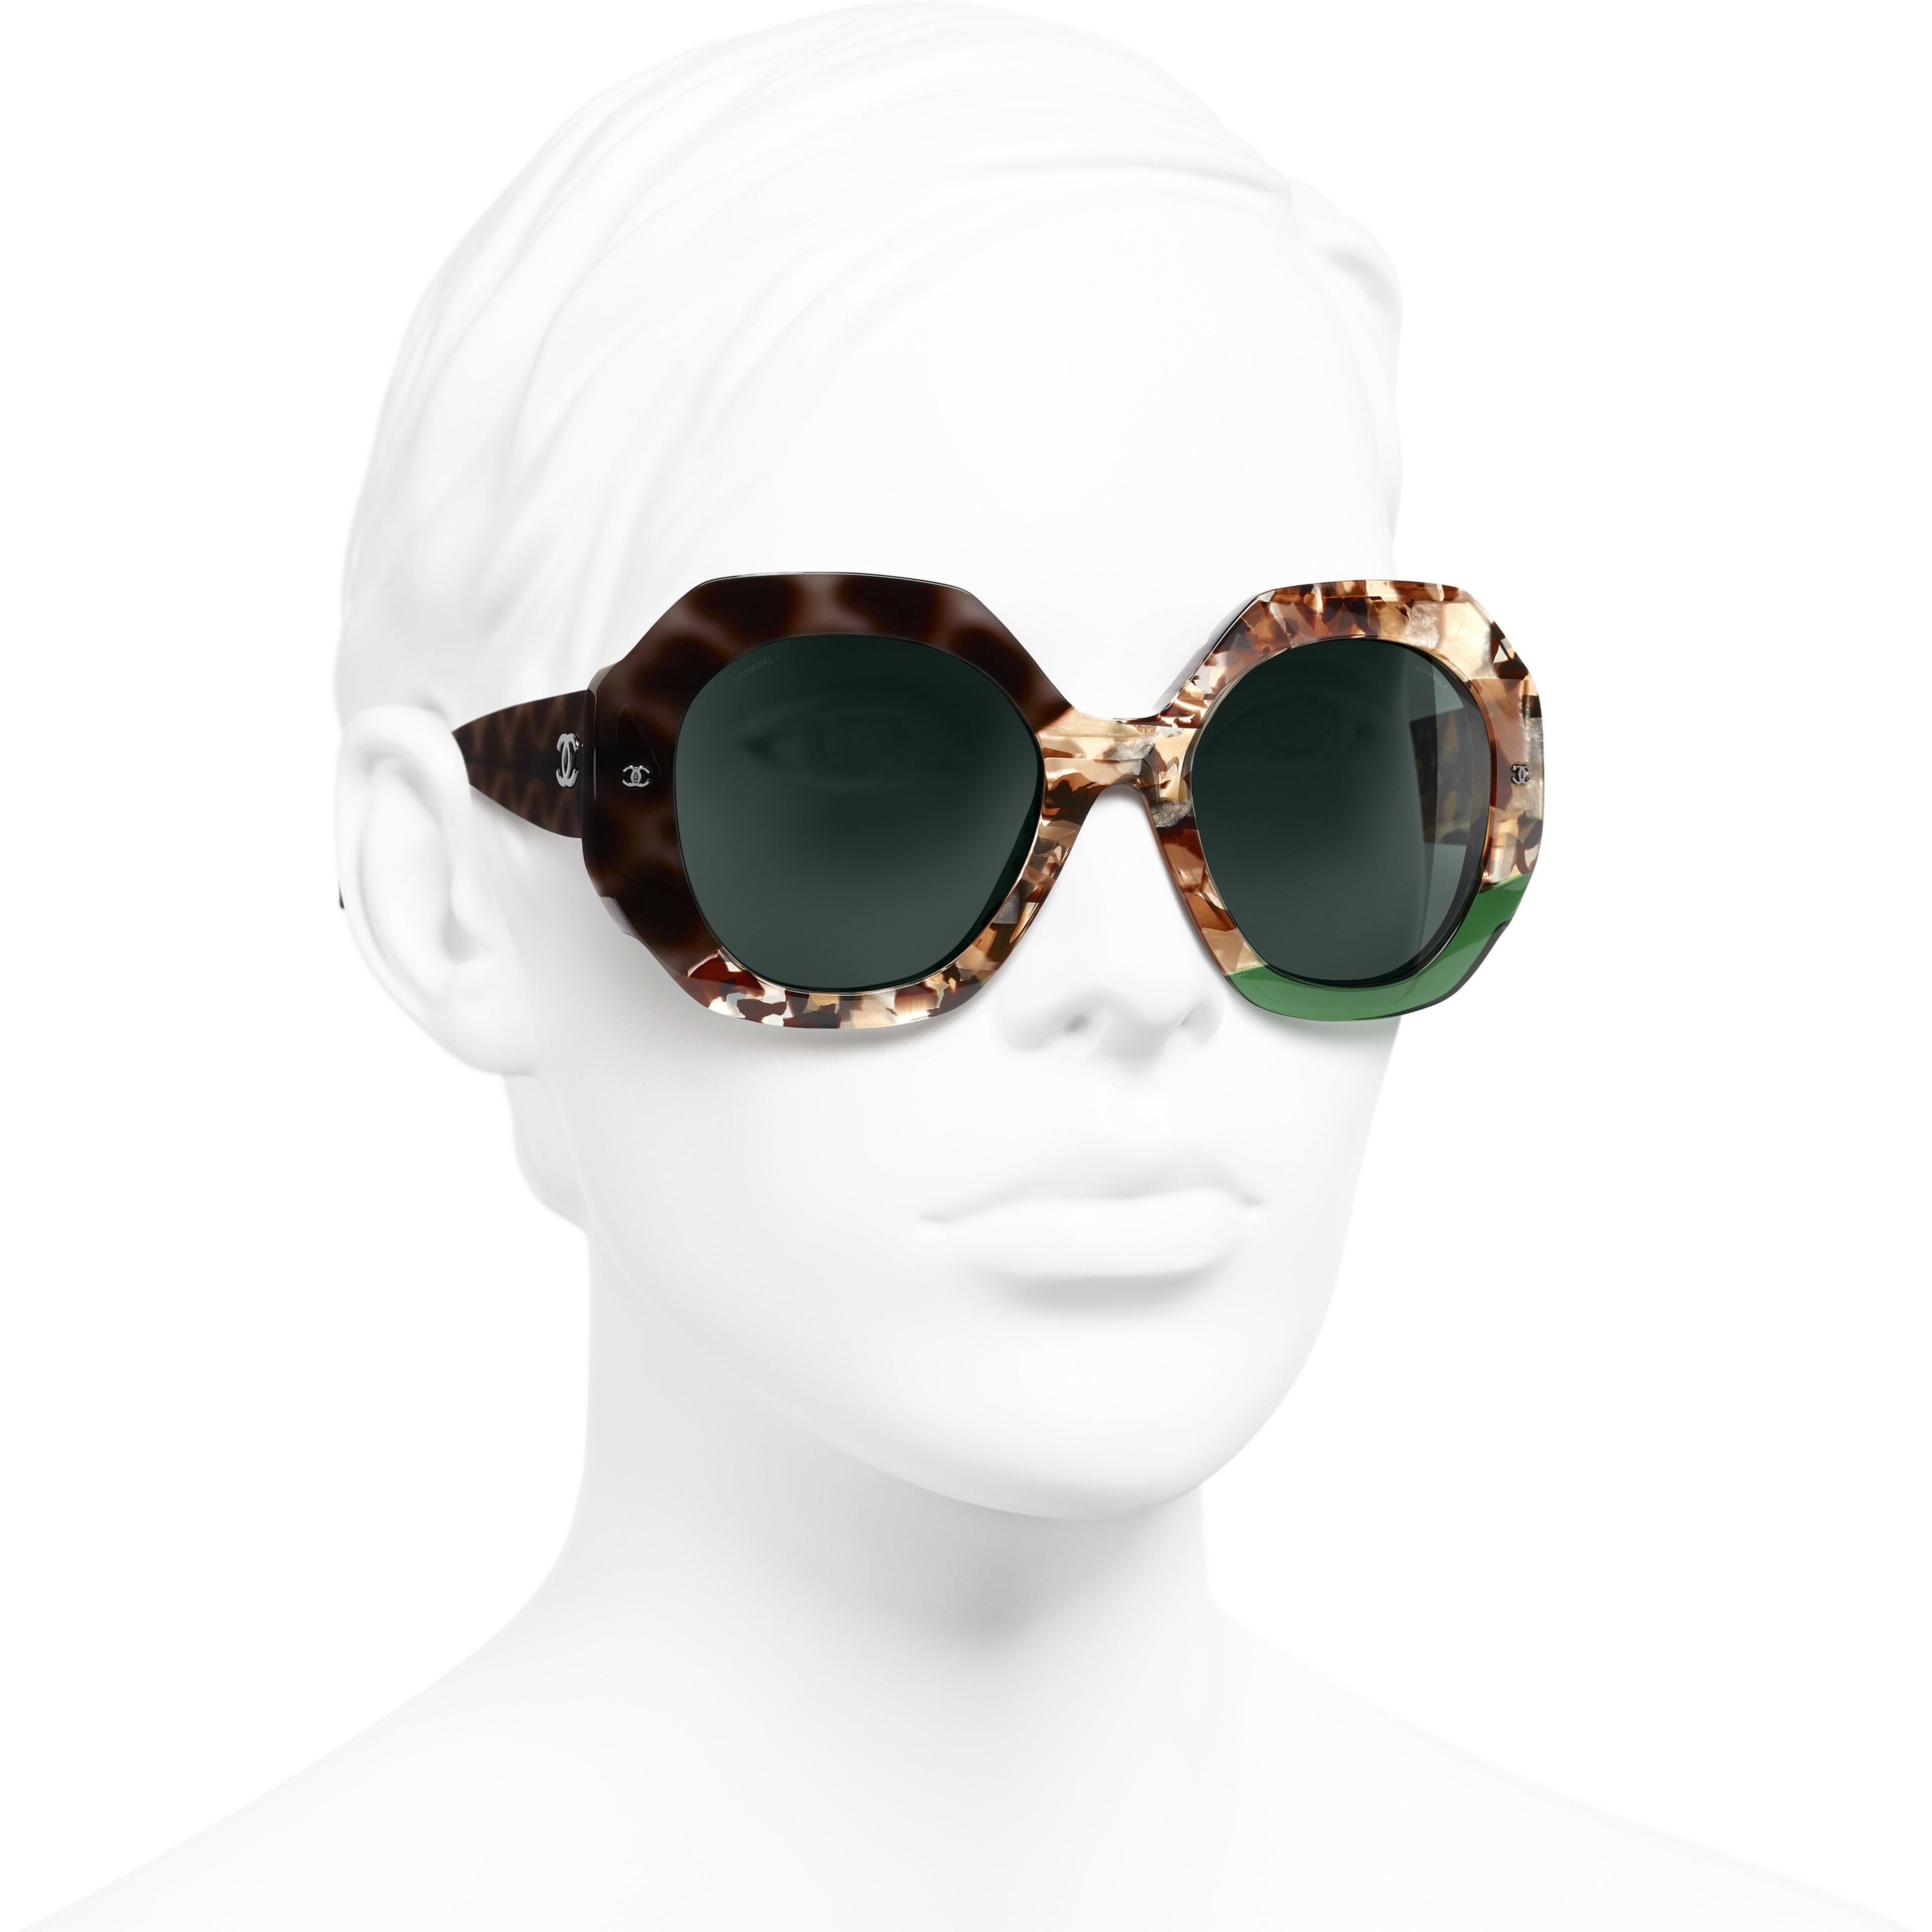 Gafas de sol redondas - Carey oscuro y verde - Acetato - CHANEL - Vista 3/4 puesto - ver la versión tamaño estándar